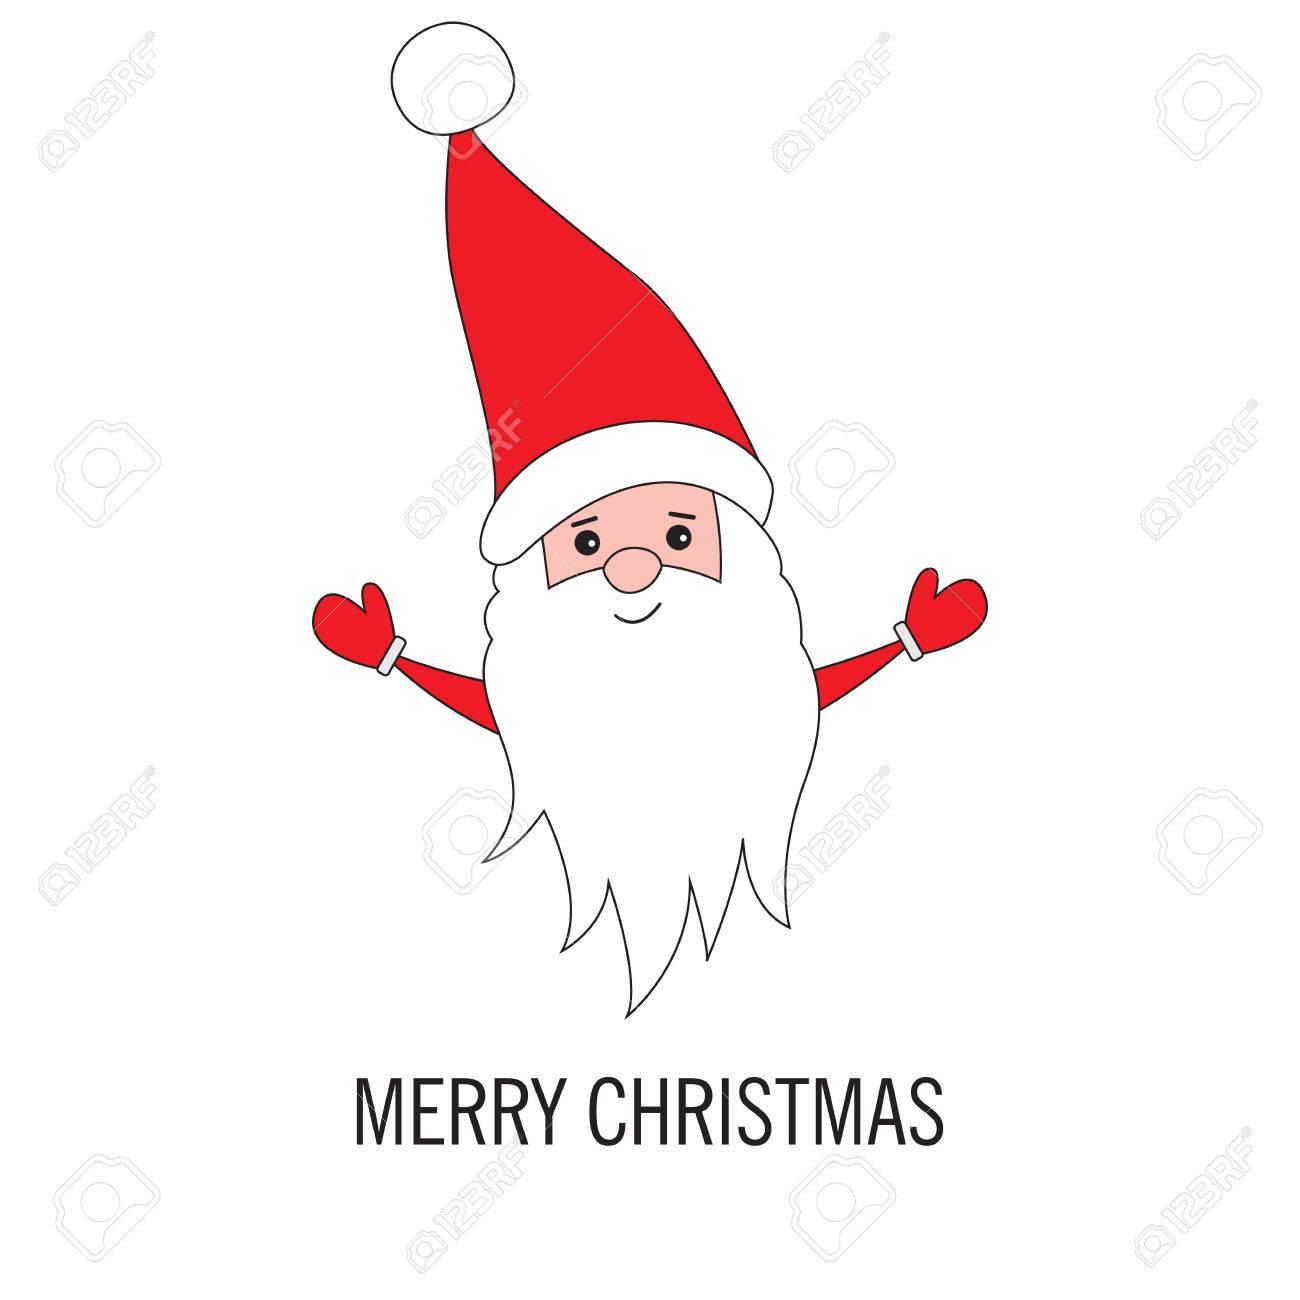 Weihnachten Santa Claus Isoliert Auf Weißem Hintergrund. Grußkarte ...